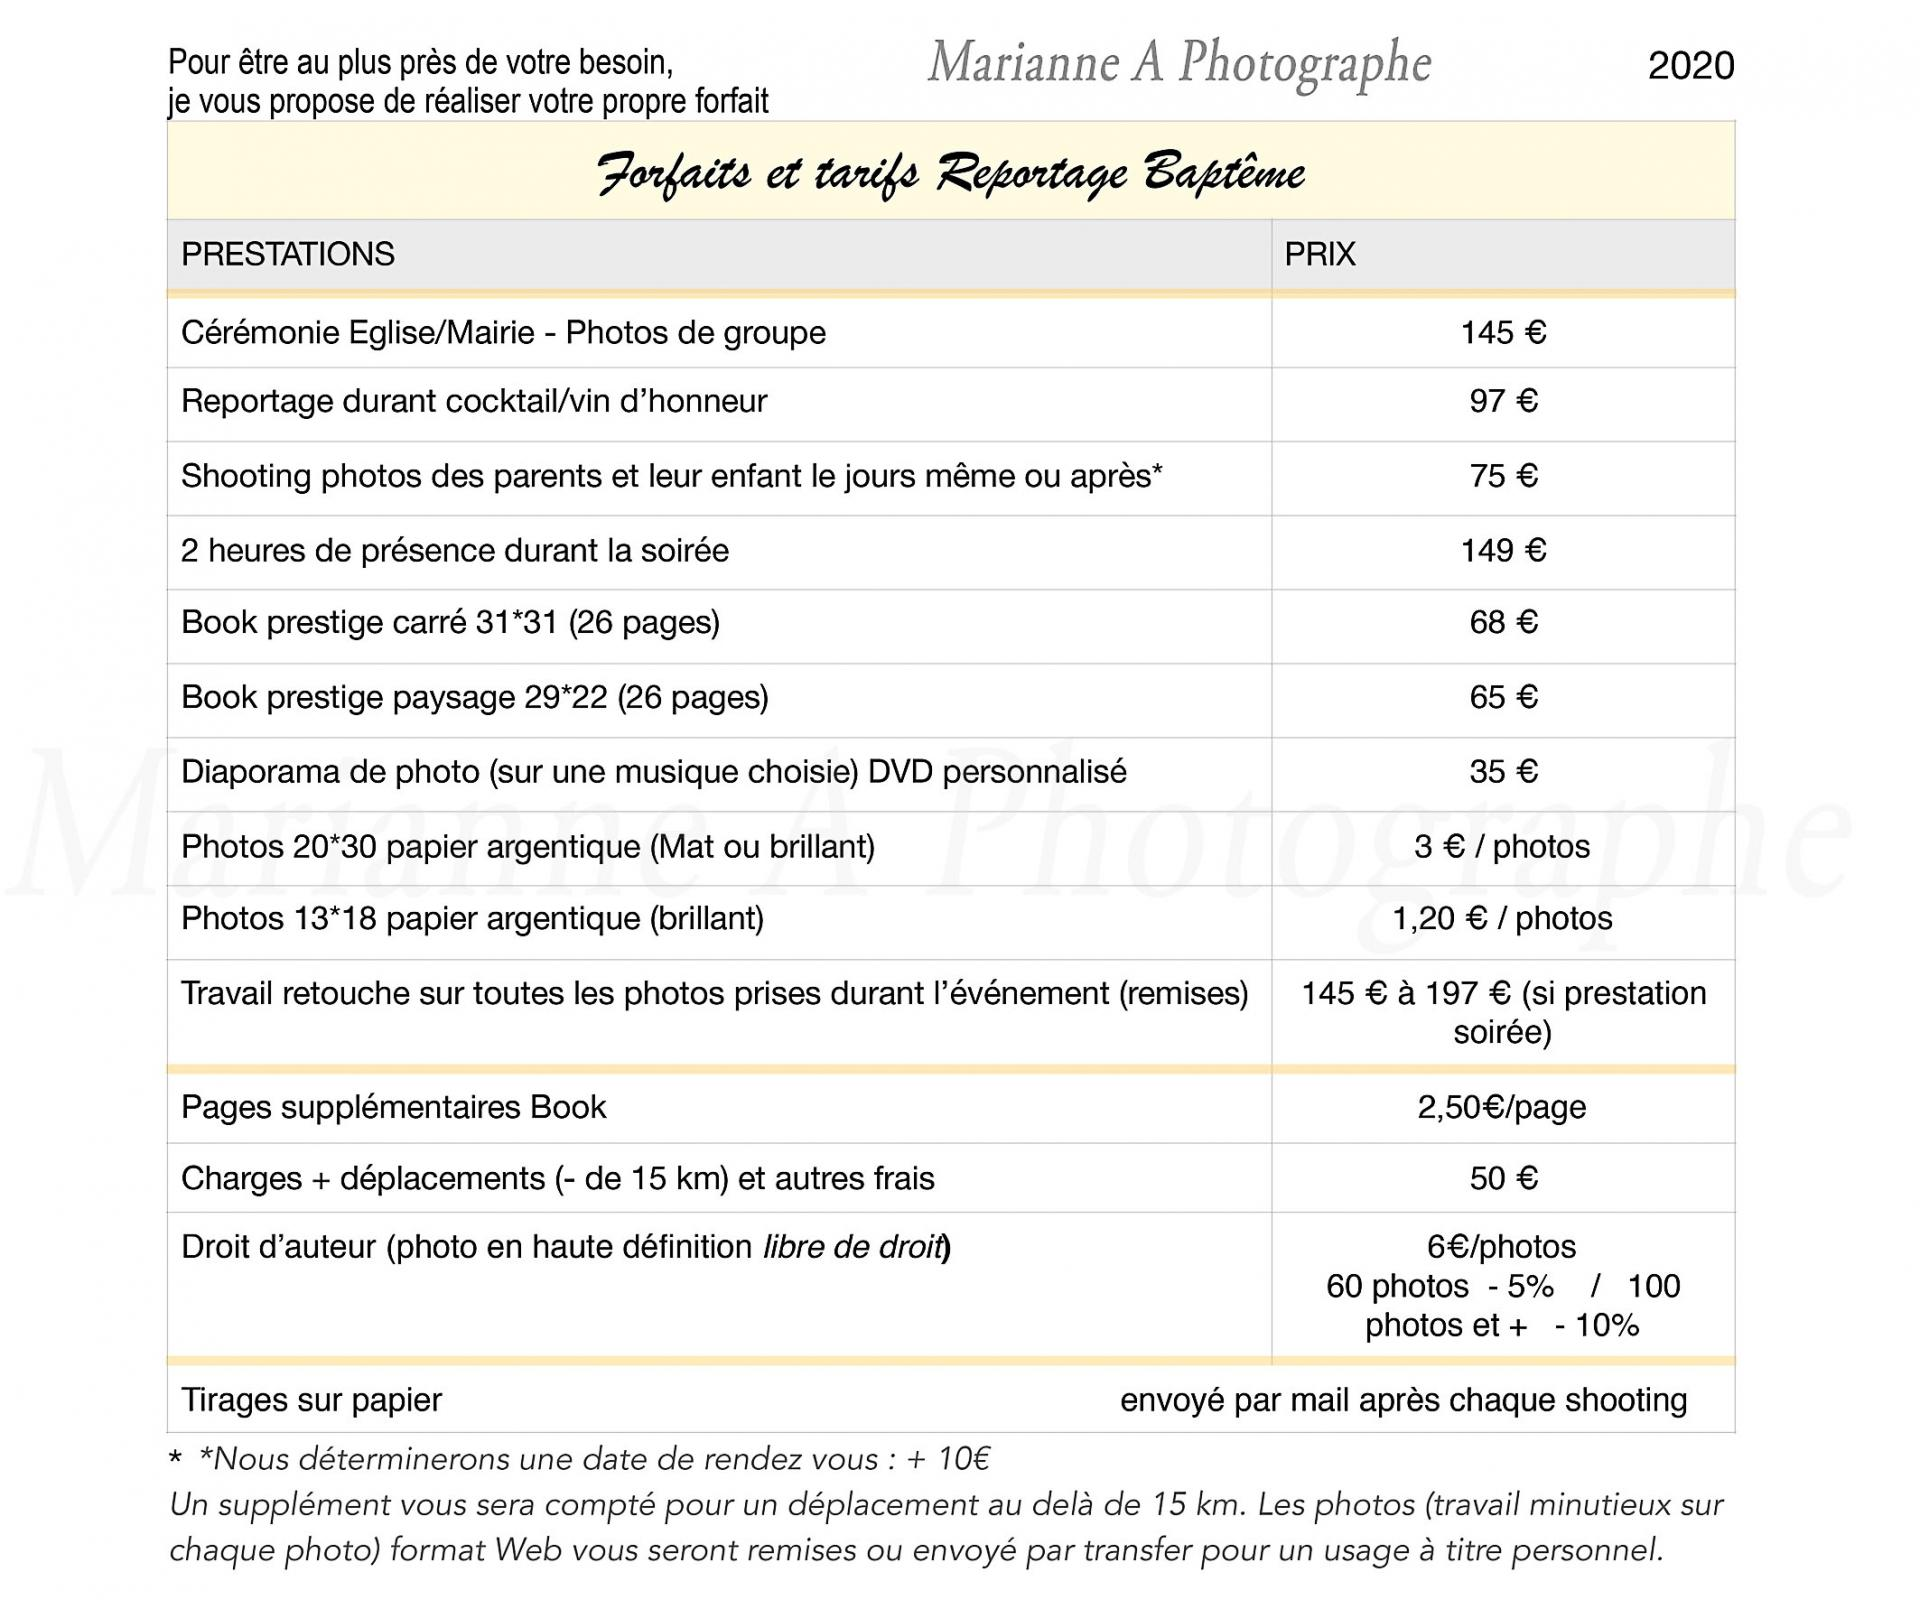 Marianneaphotographe tarifsreportagebapteme reveletonlook 2020